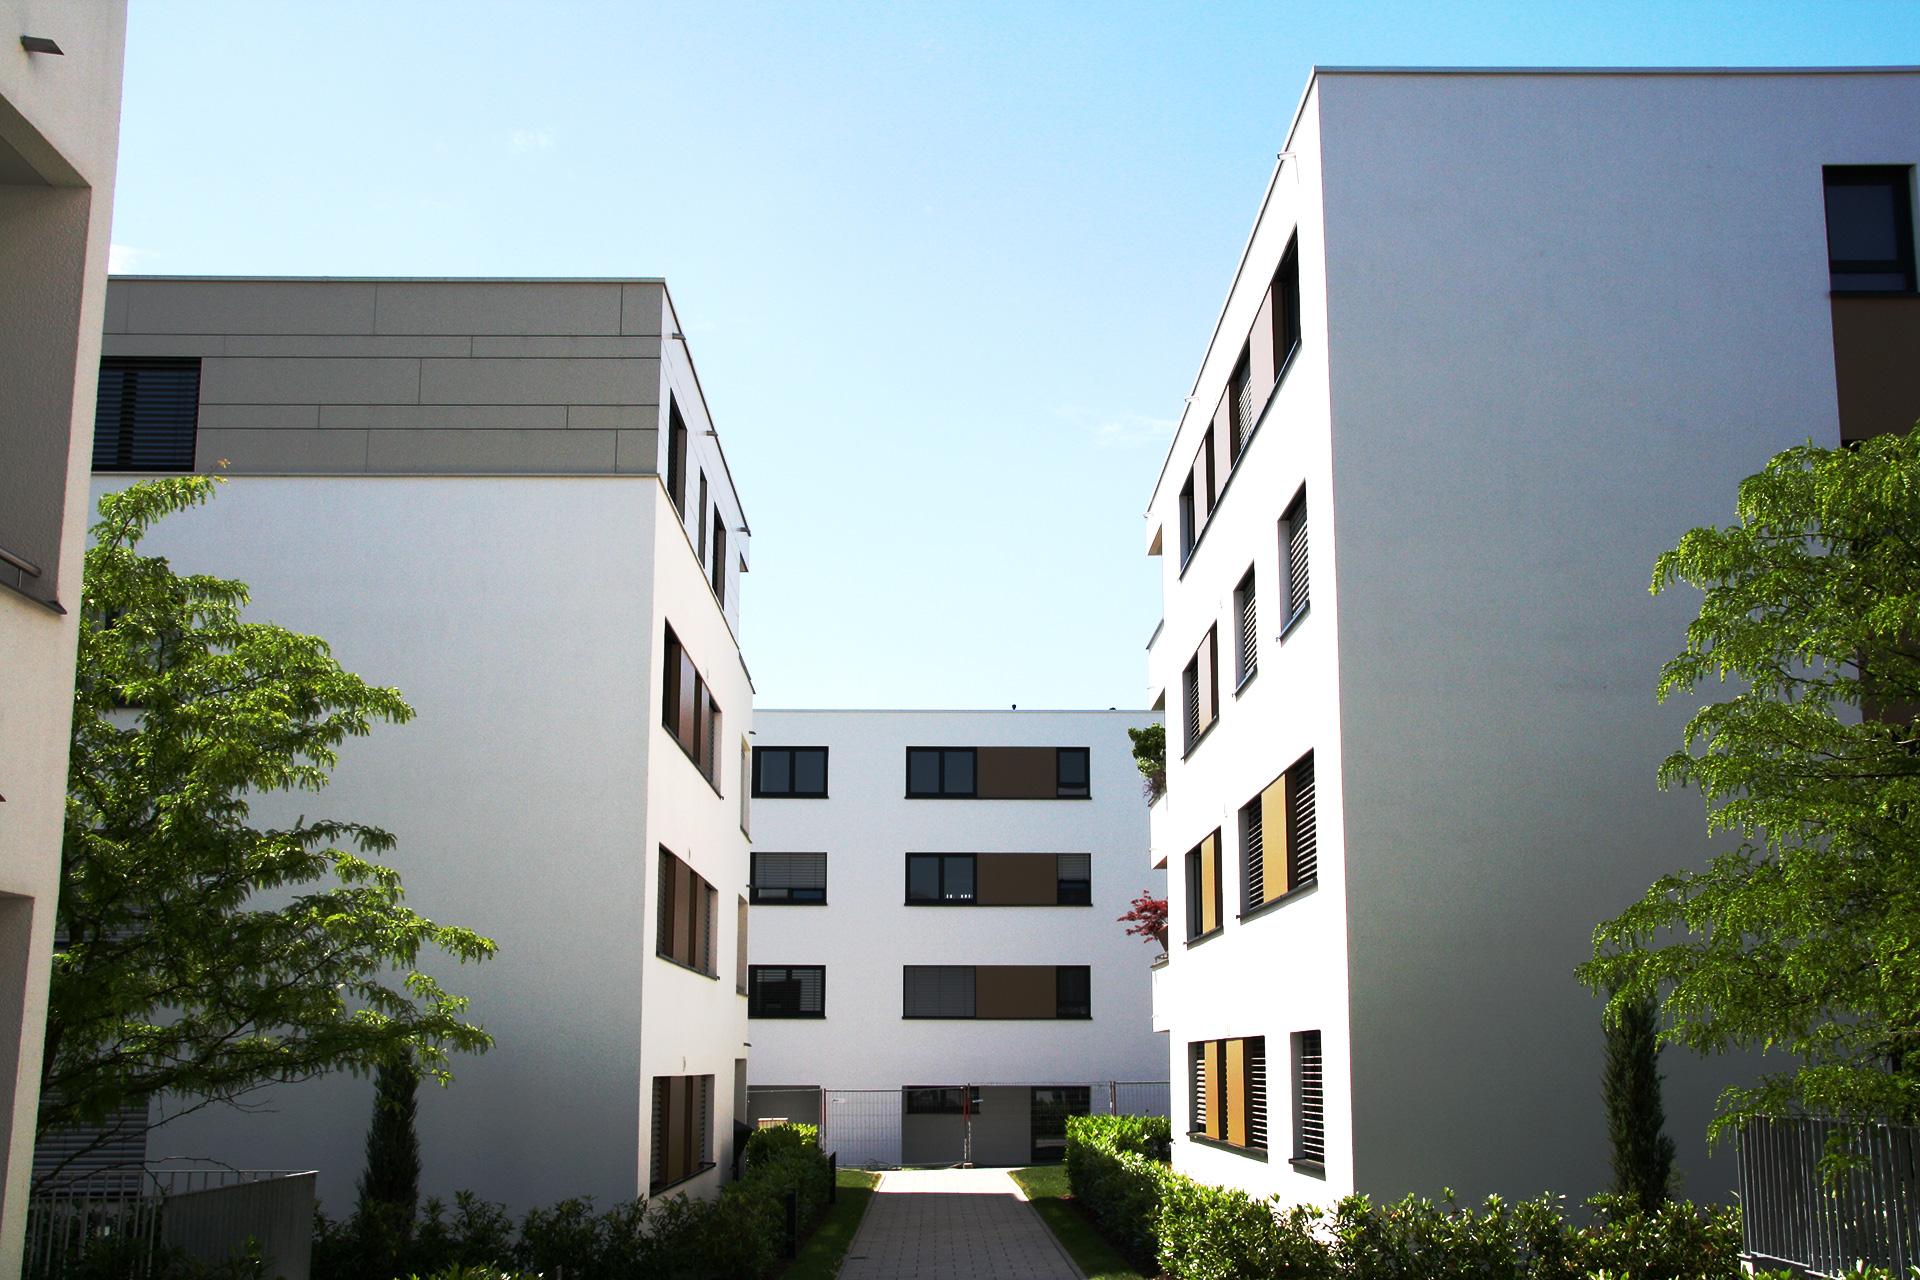 stadtgarten_1